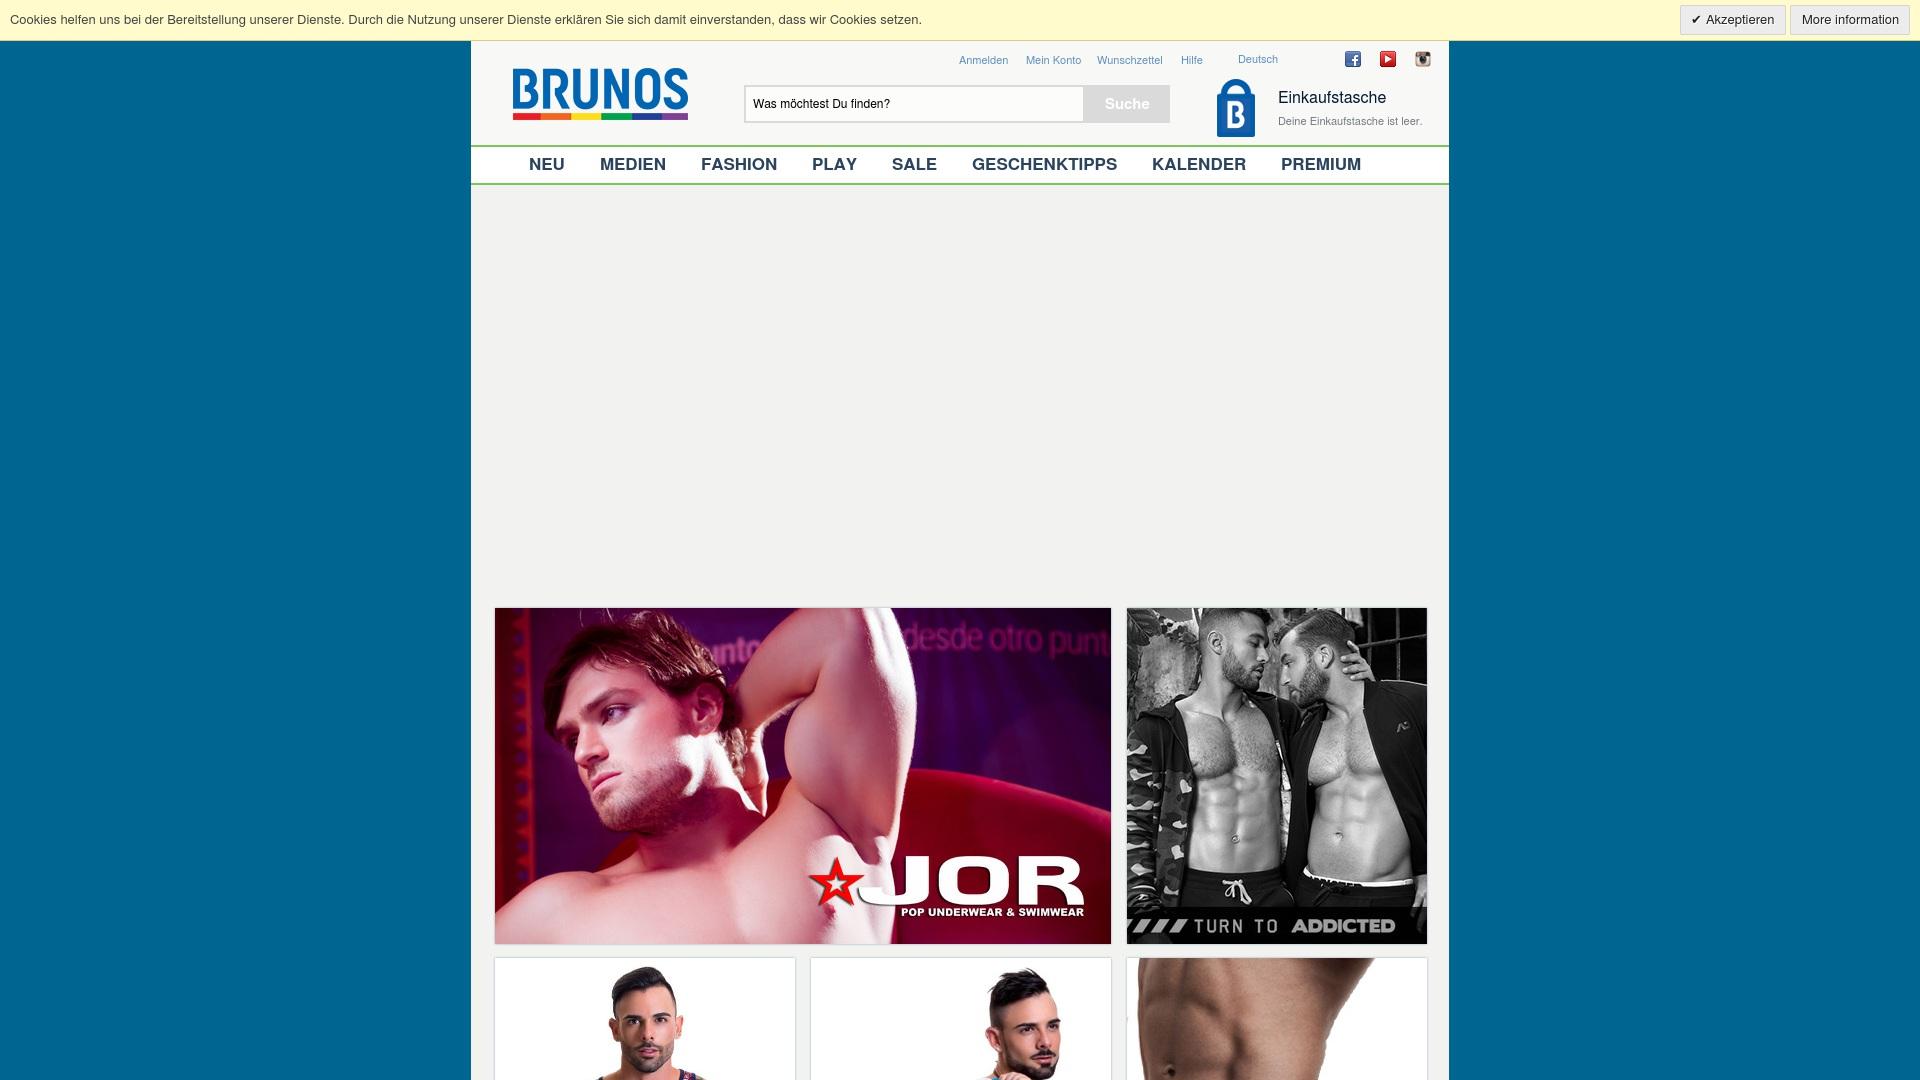 Gutschein für Brunos: Rabatte für  Brunos sichern